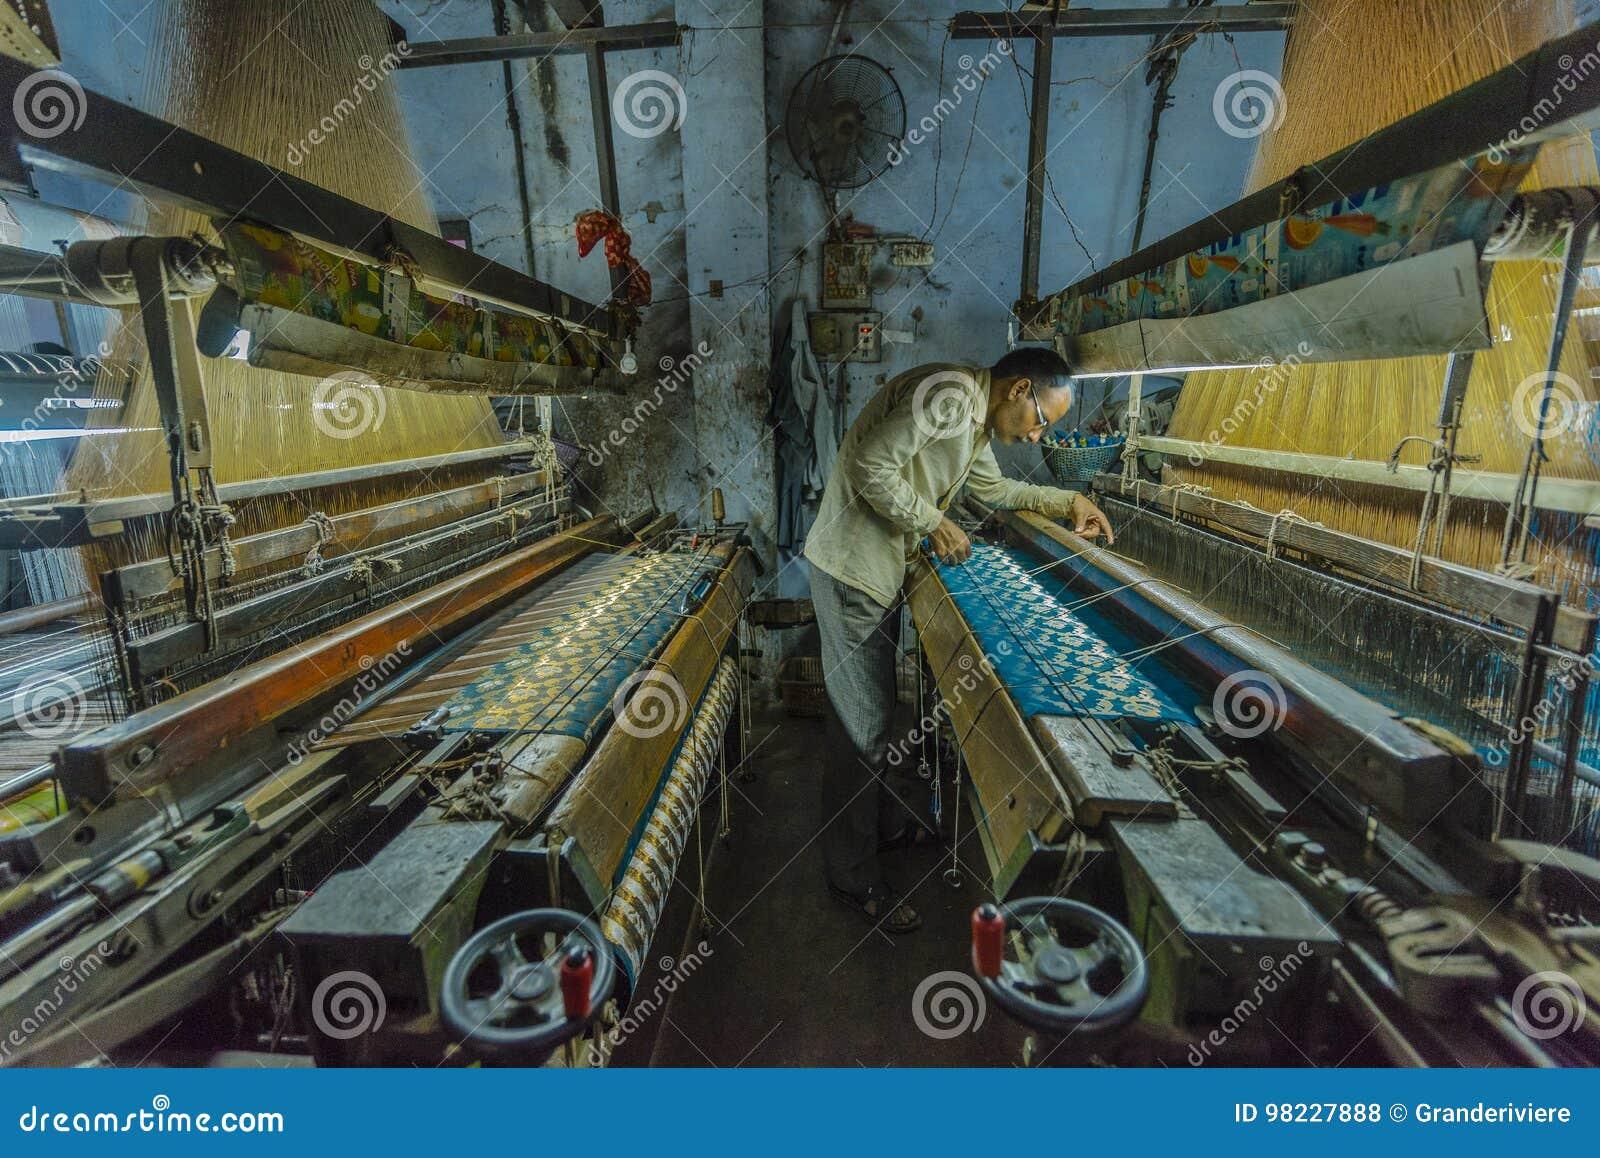 Un fabricante de seda examina su trabajo en una pequeña fábrica en Varanasi, la India